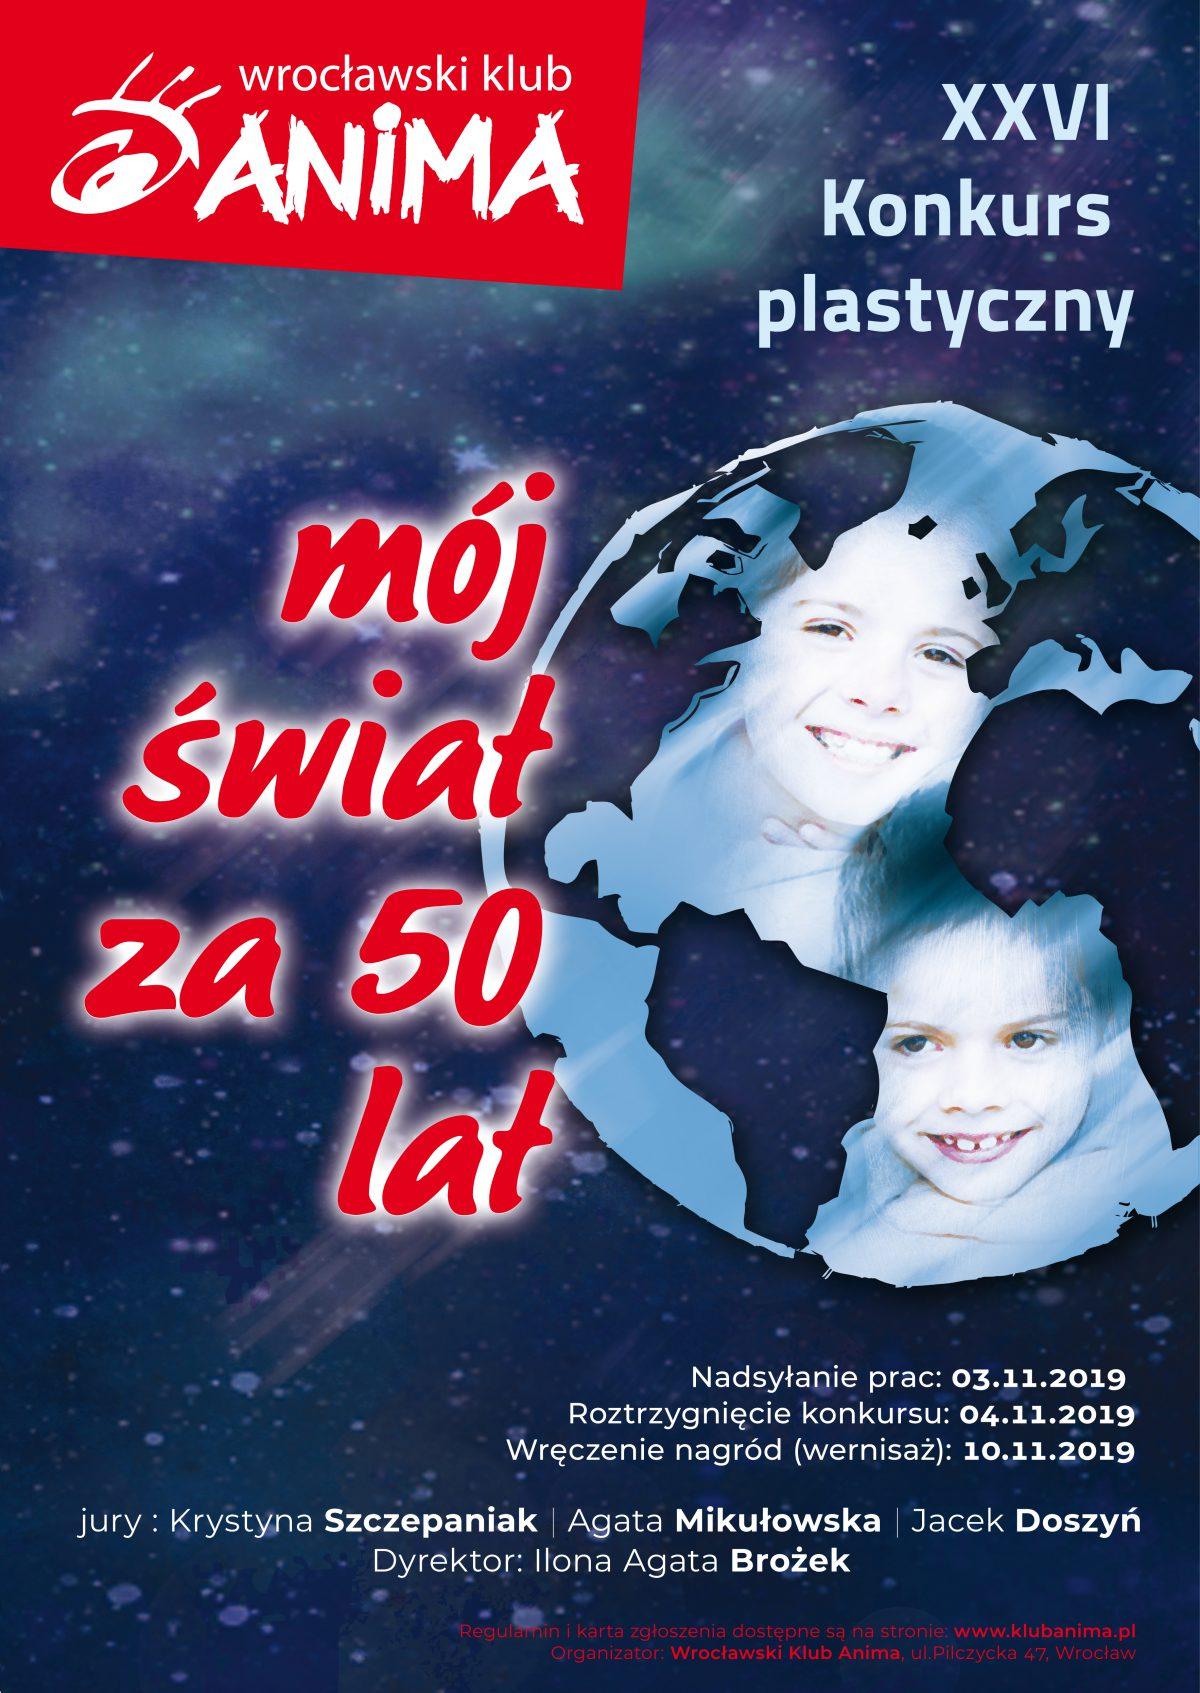 Konkurs plastyczny dla dzieci – laureaci